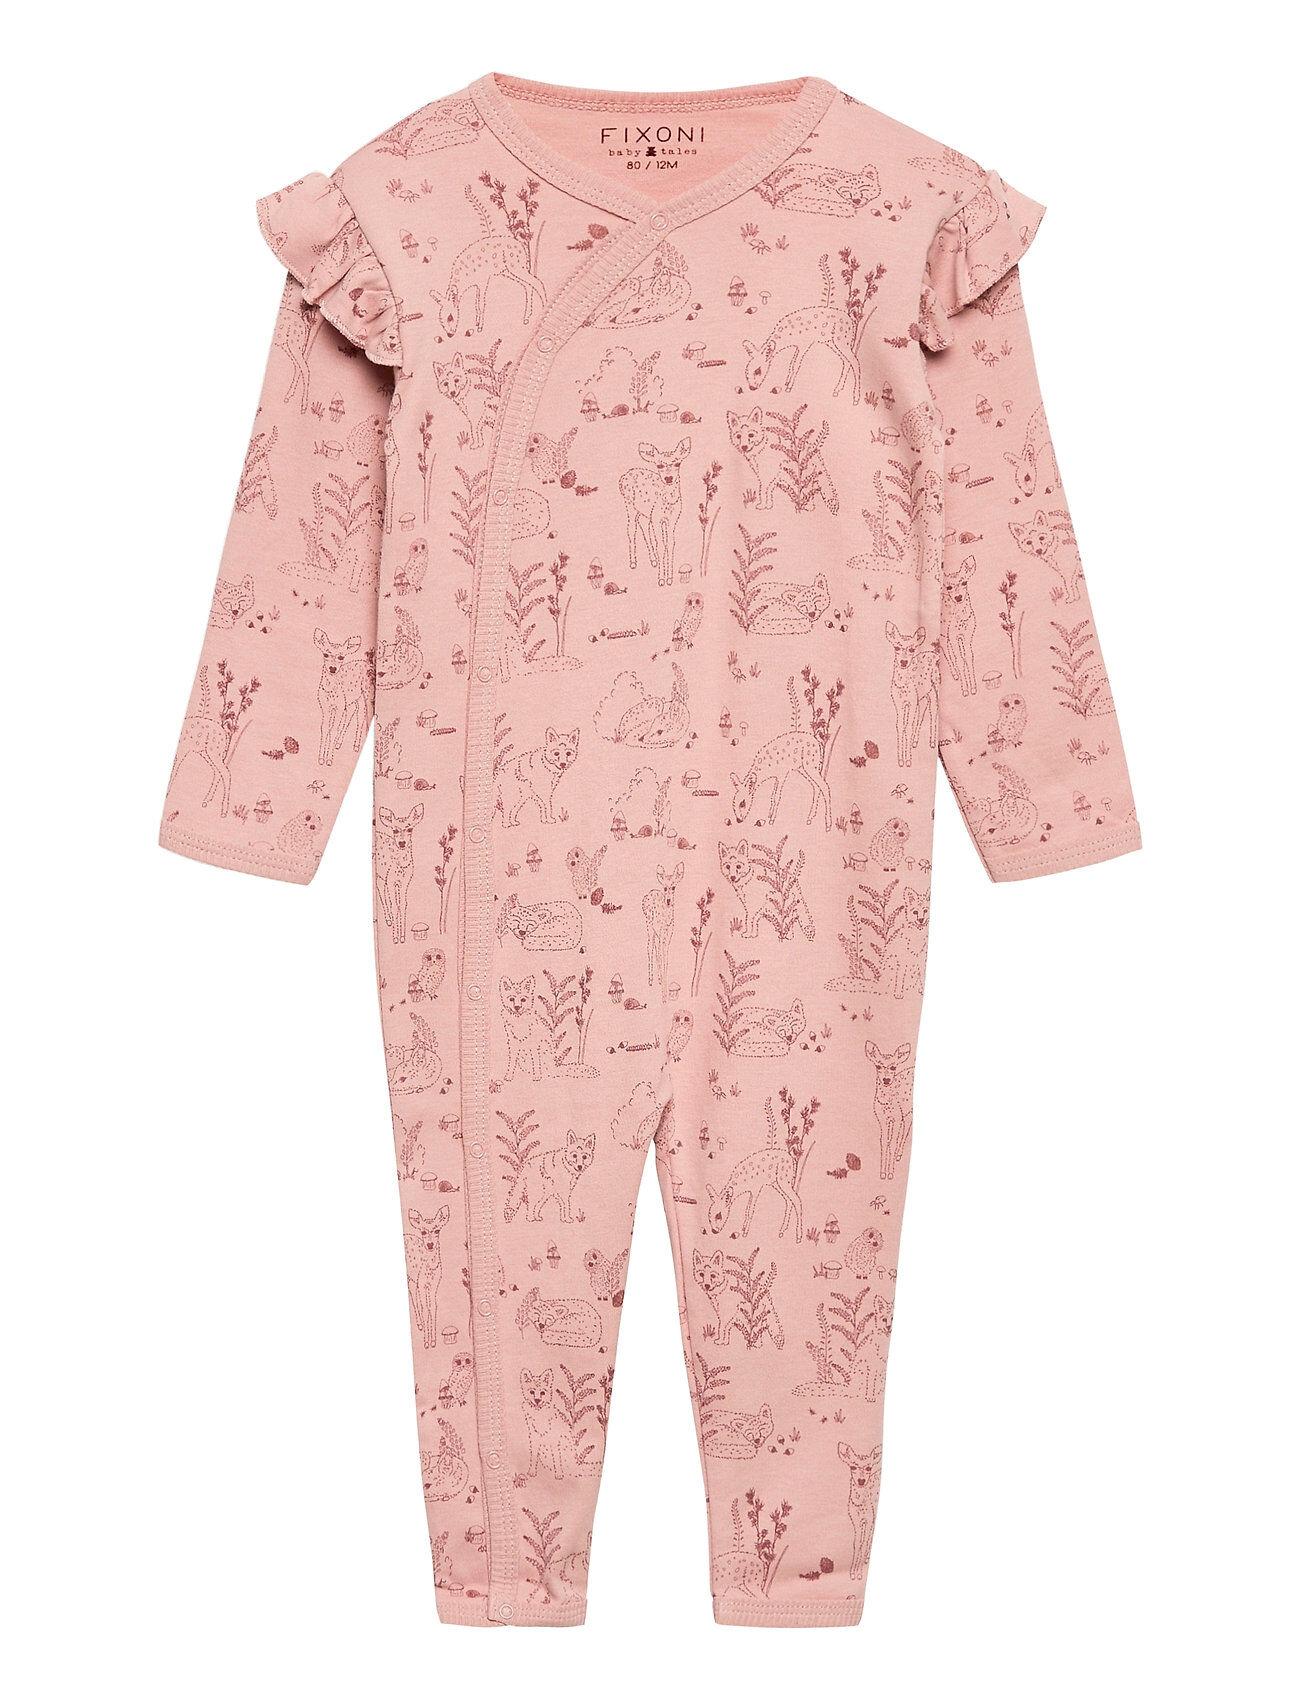 Fixoni Night Suit -Oekotex Pitkähihainen Body Vaaleanpunainen Fixoni